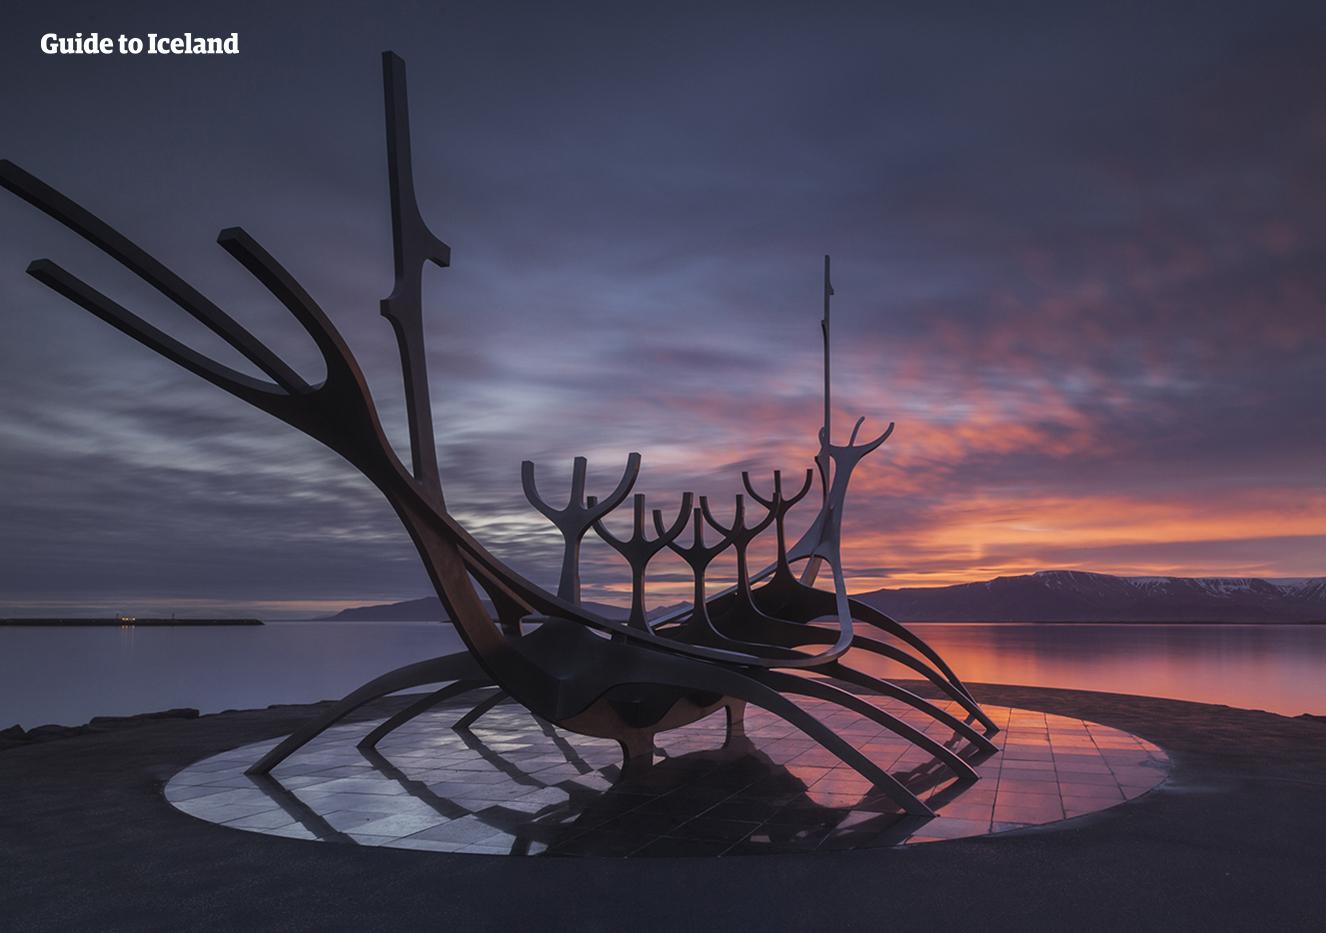 用一天时间体验冰岛首都雷克雅未克的过人魅力